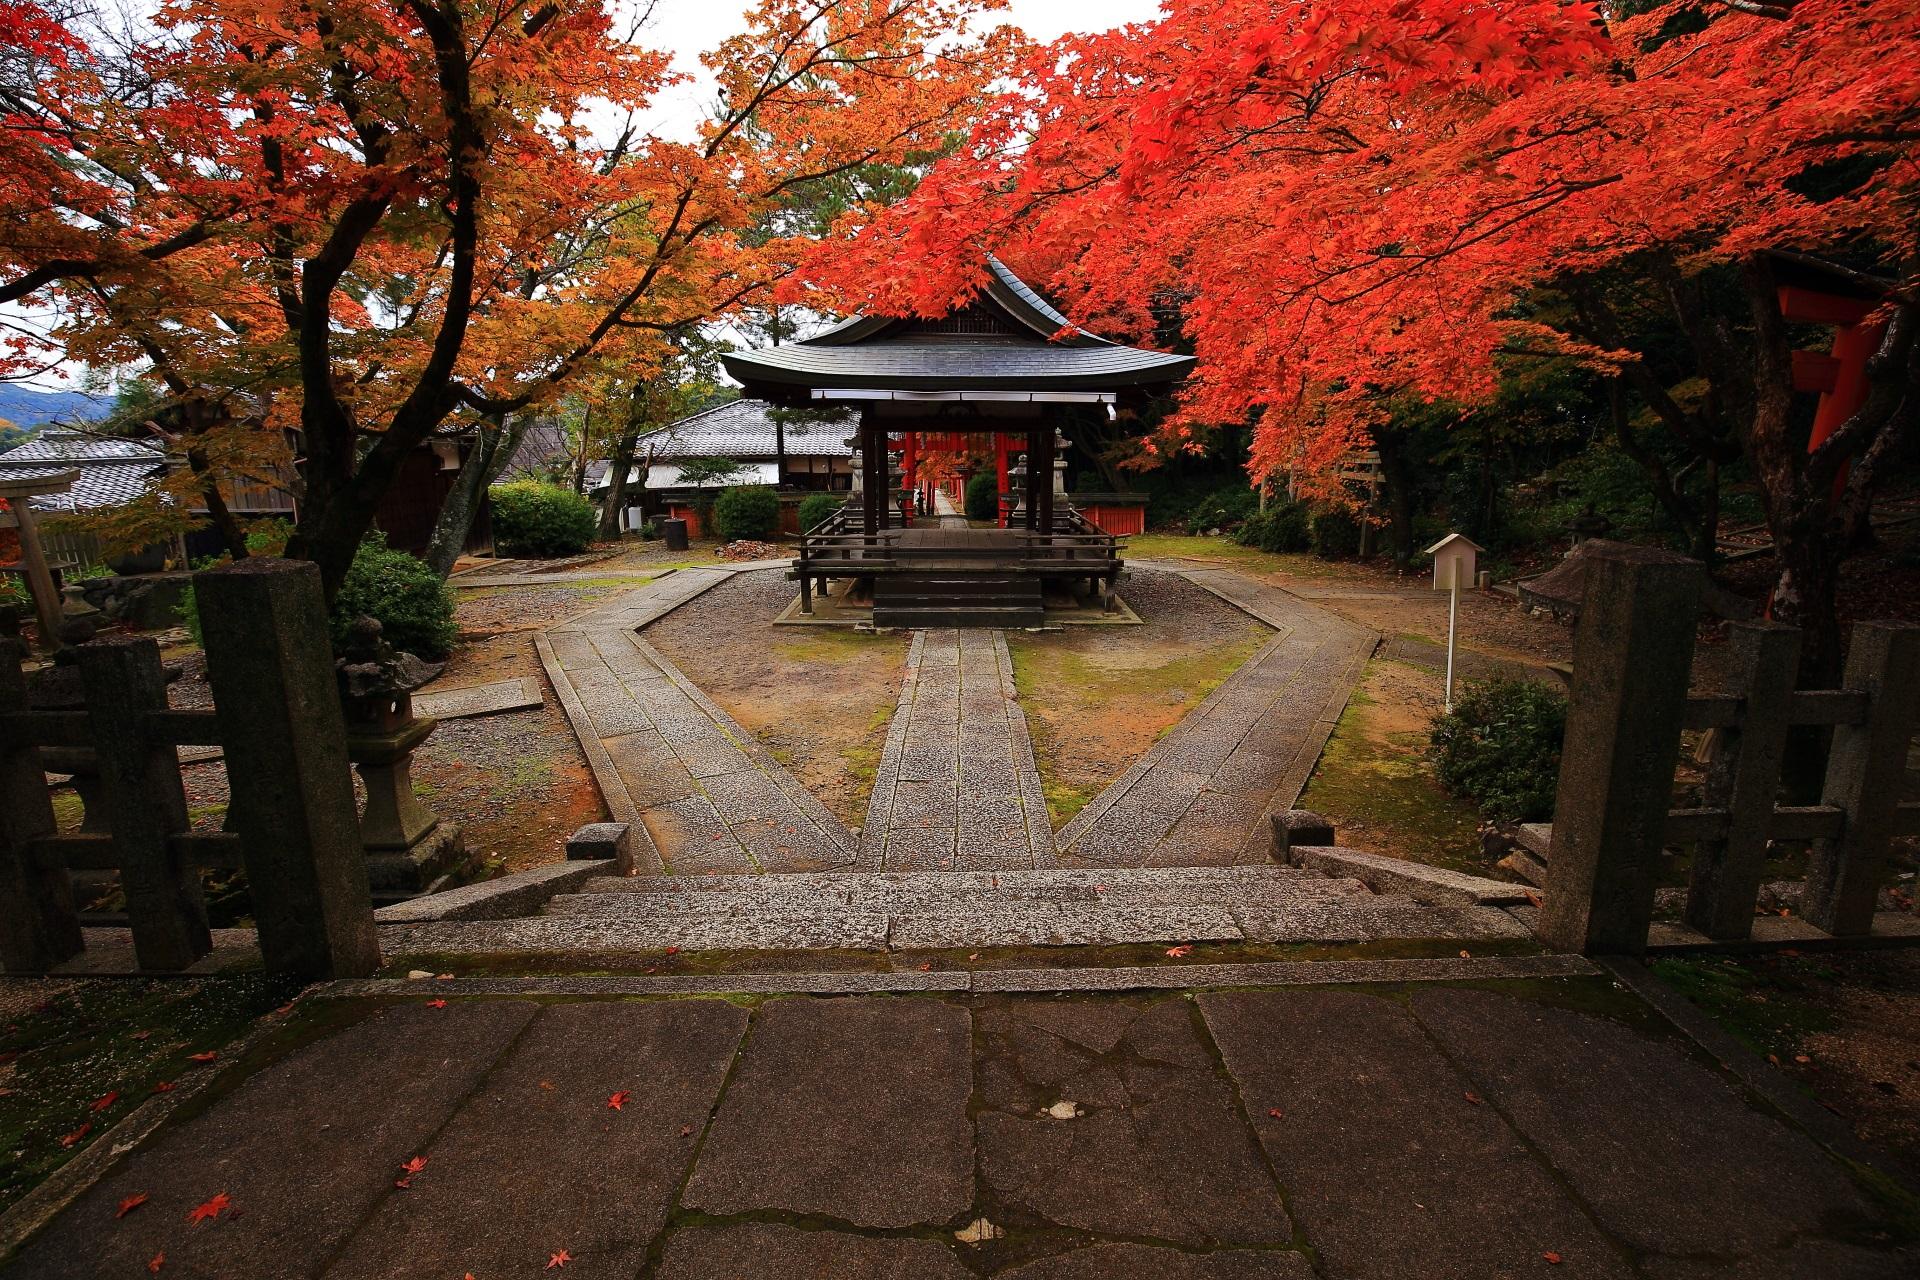 竹中稲荷神社の本殿前から眺めた拝殿と紅葉